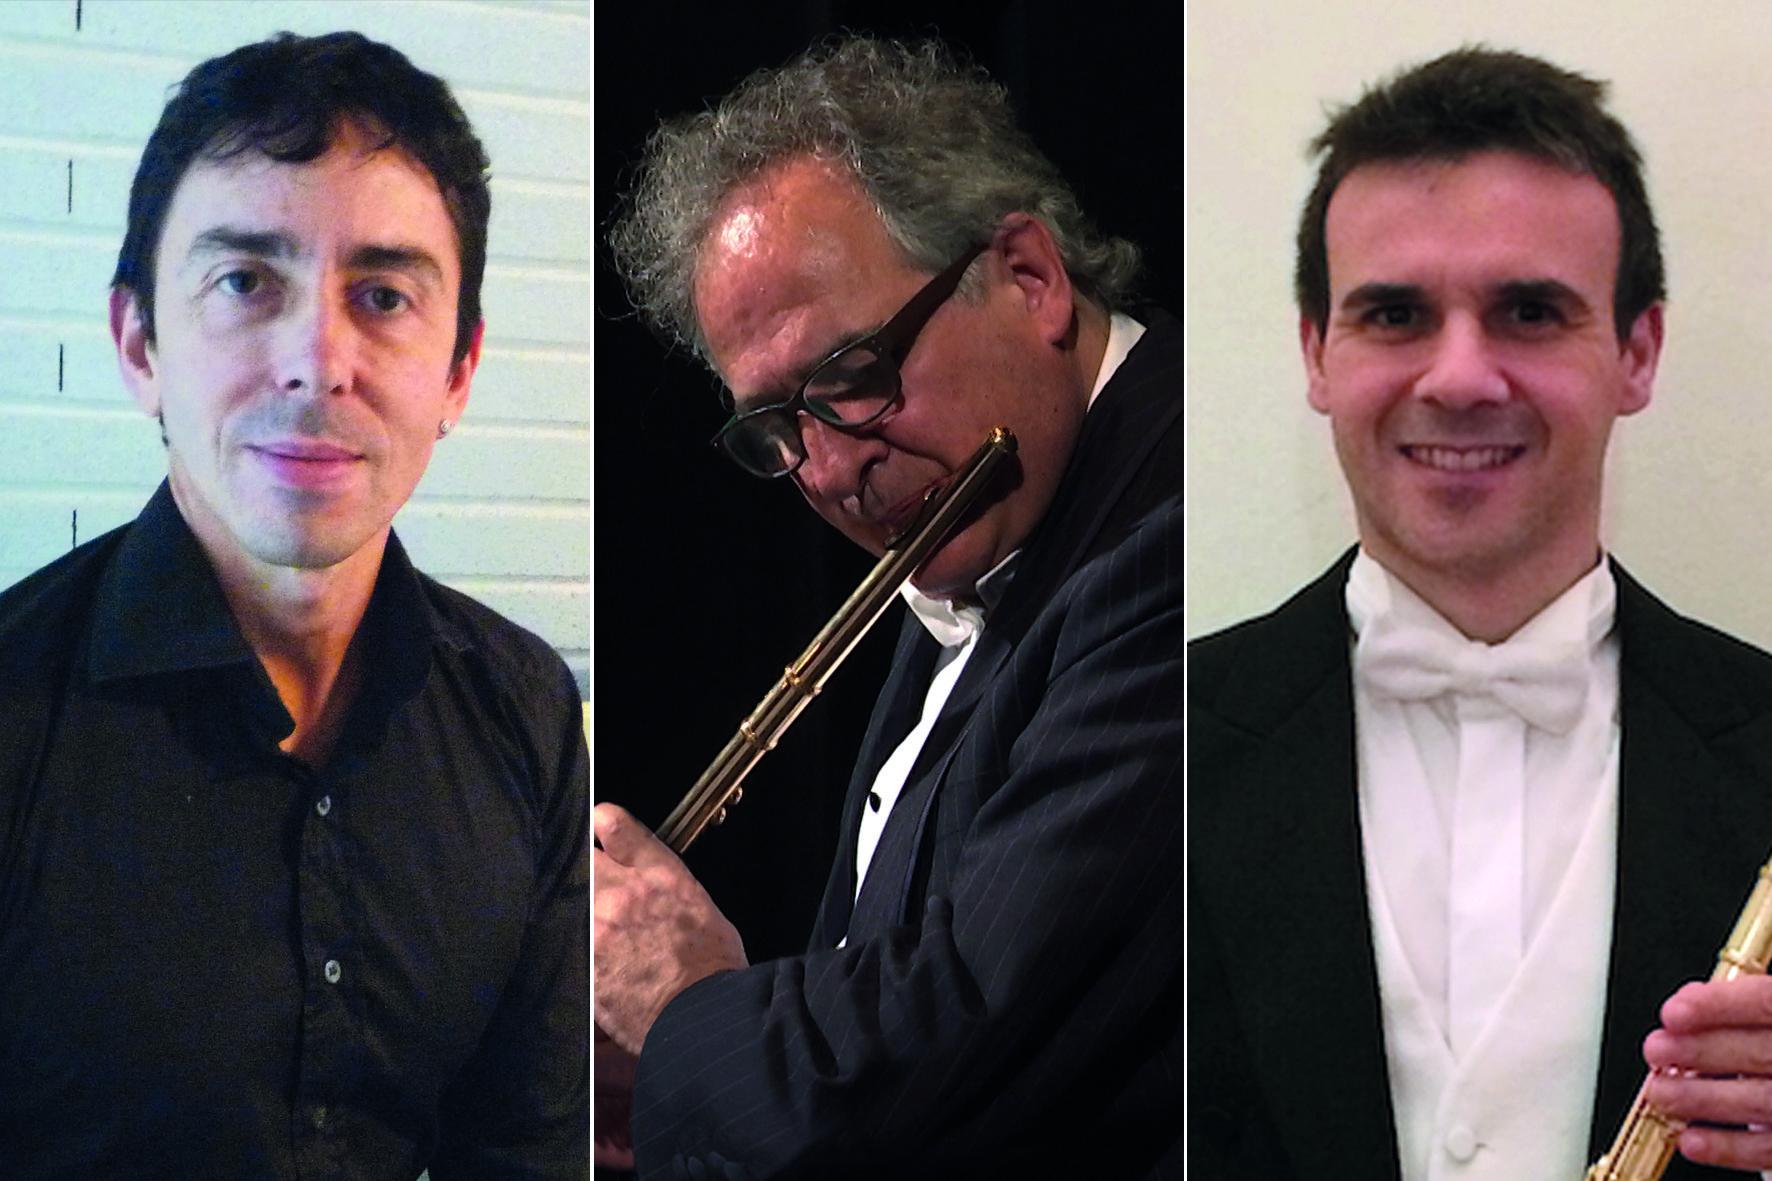 La Guida - Flauti, virtuosismi e belcanto